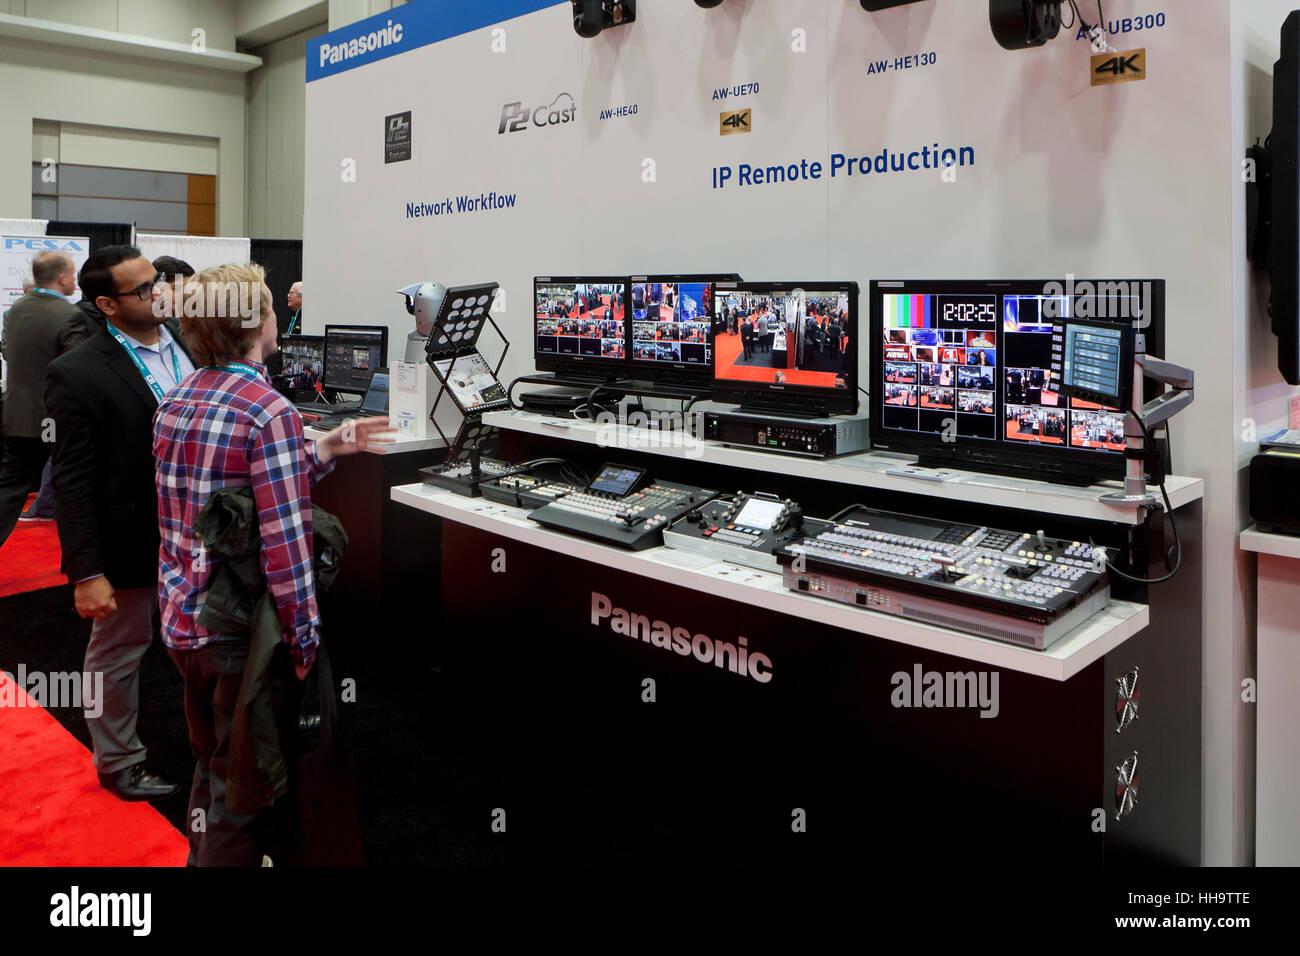 Enregistrement et montage vidéo Panasonic système s'affichent dans une foire commerciale - USA Banque D'Images